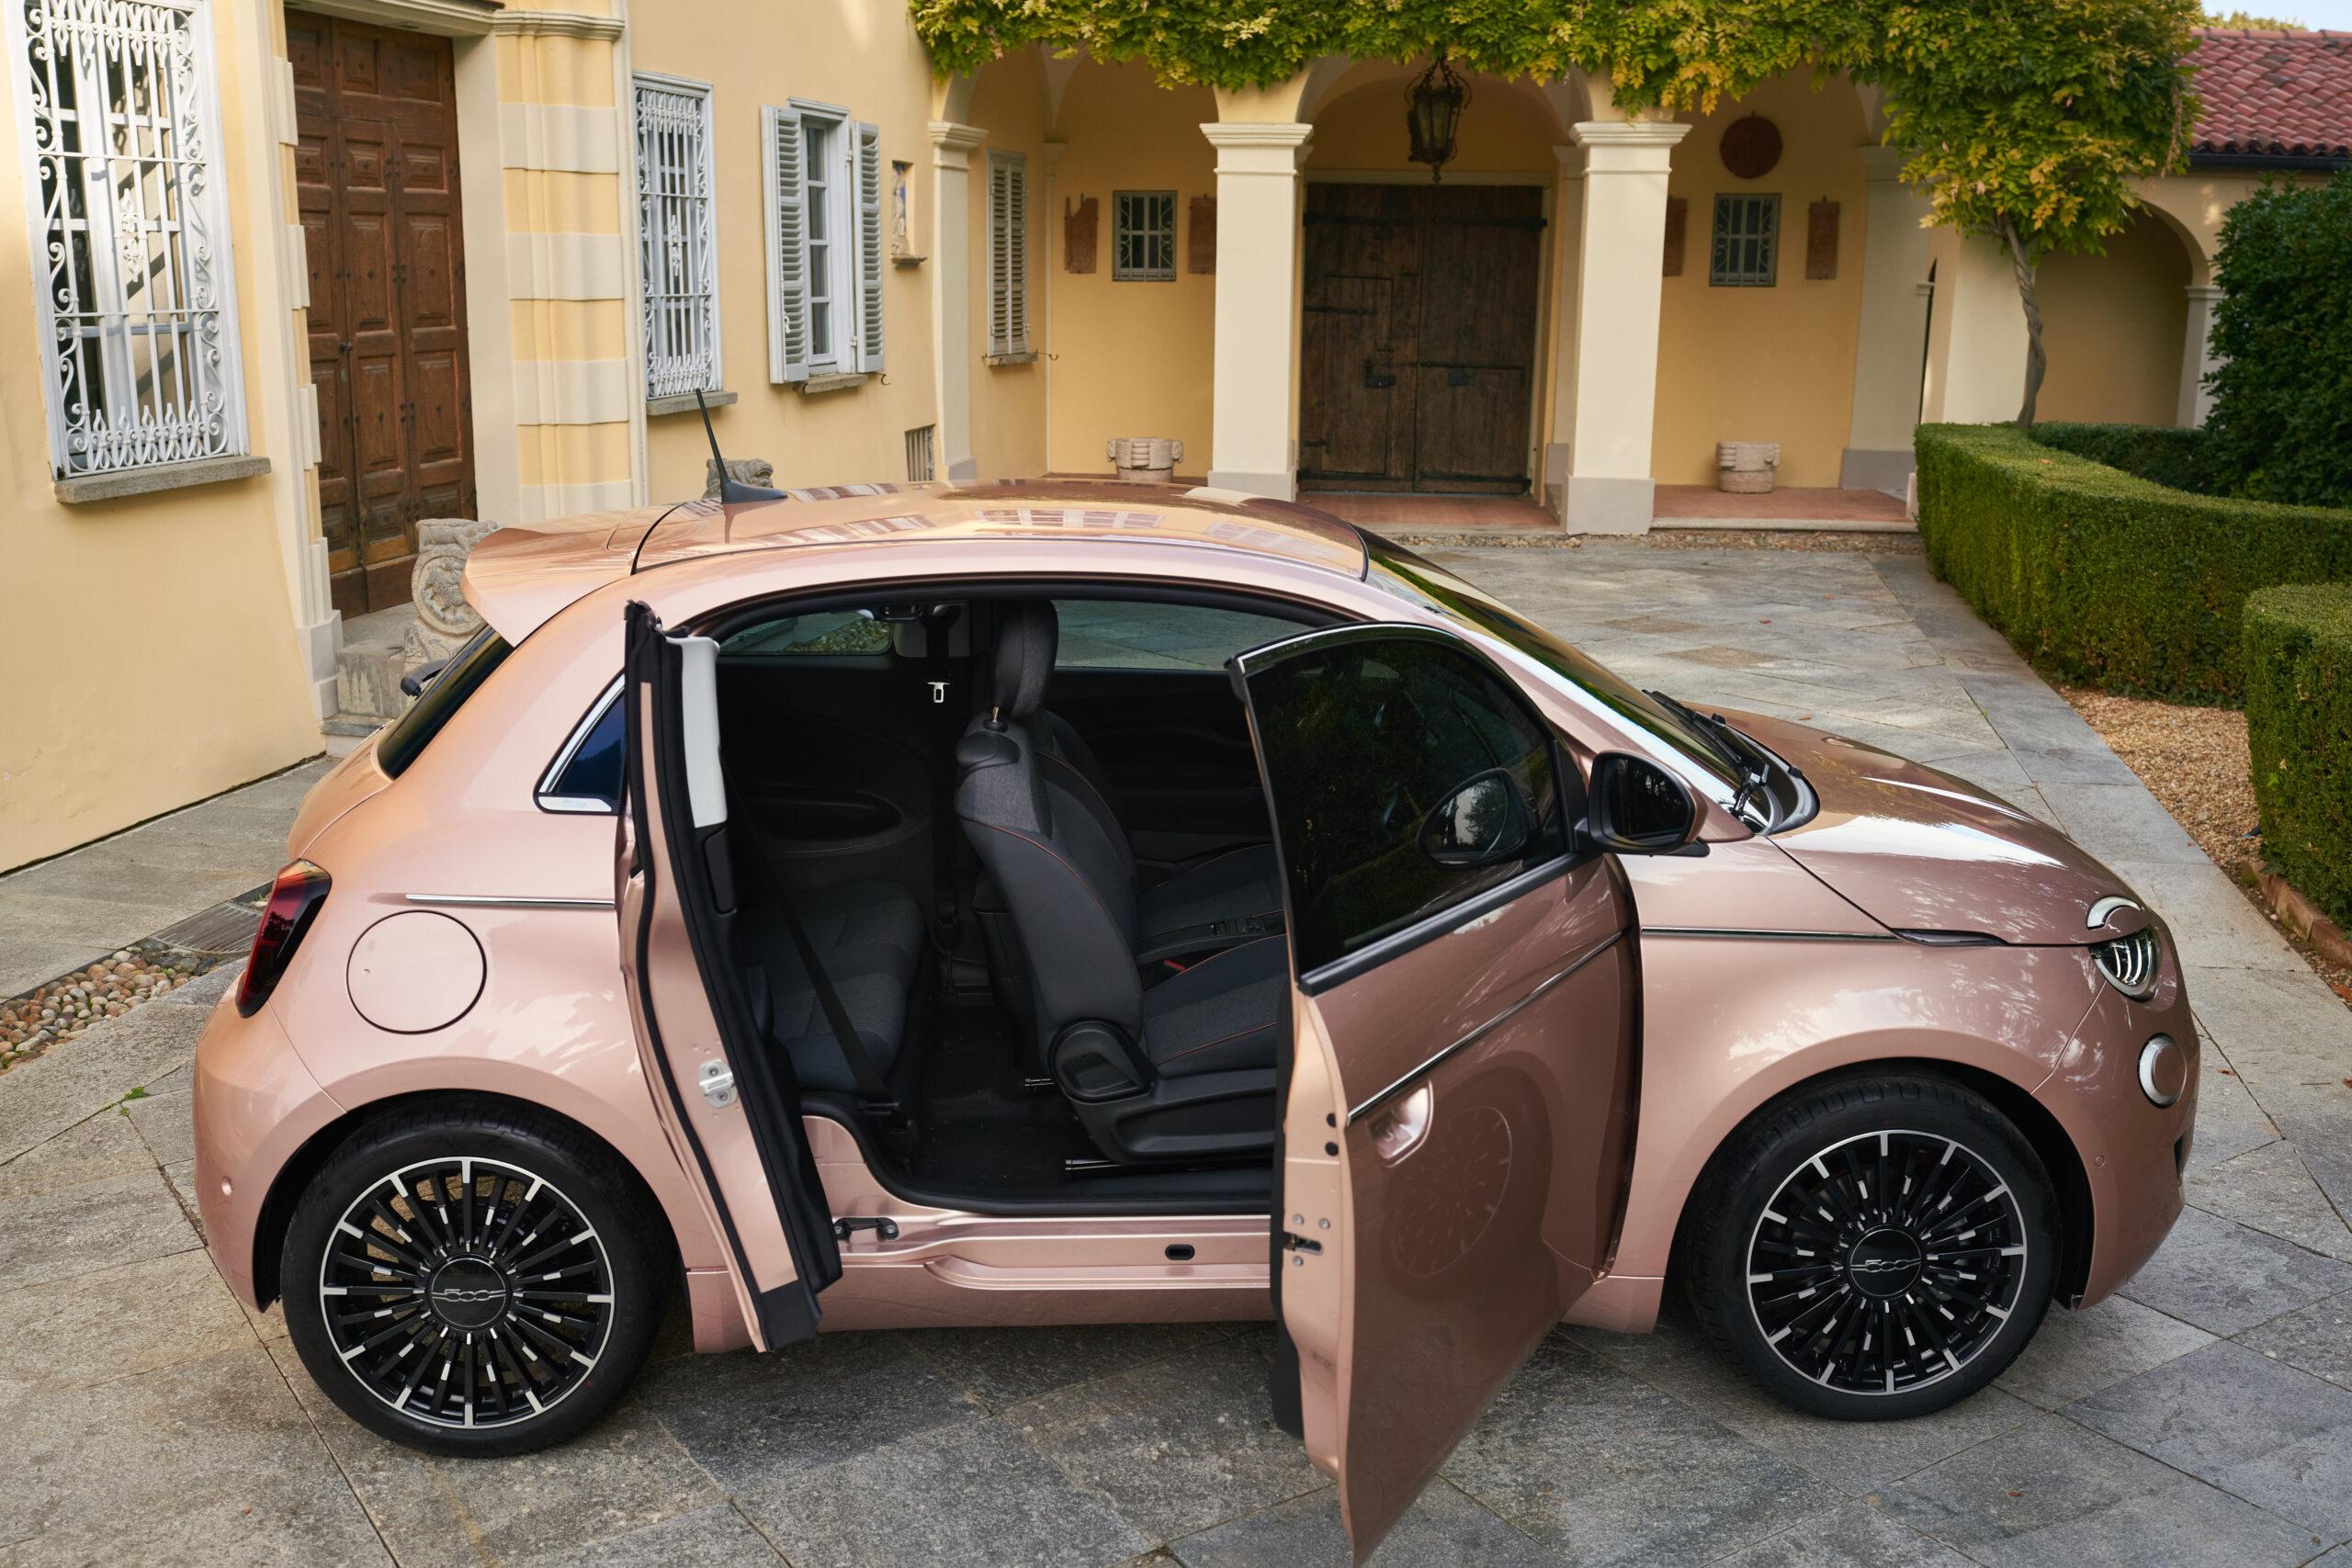 Fiat 500 elettrica 3+1, la versione con porta posteriore completa la gamma